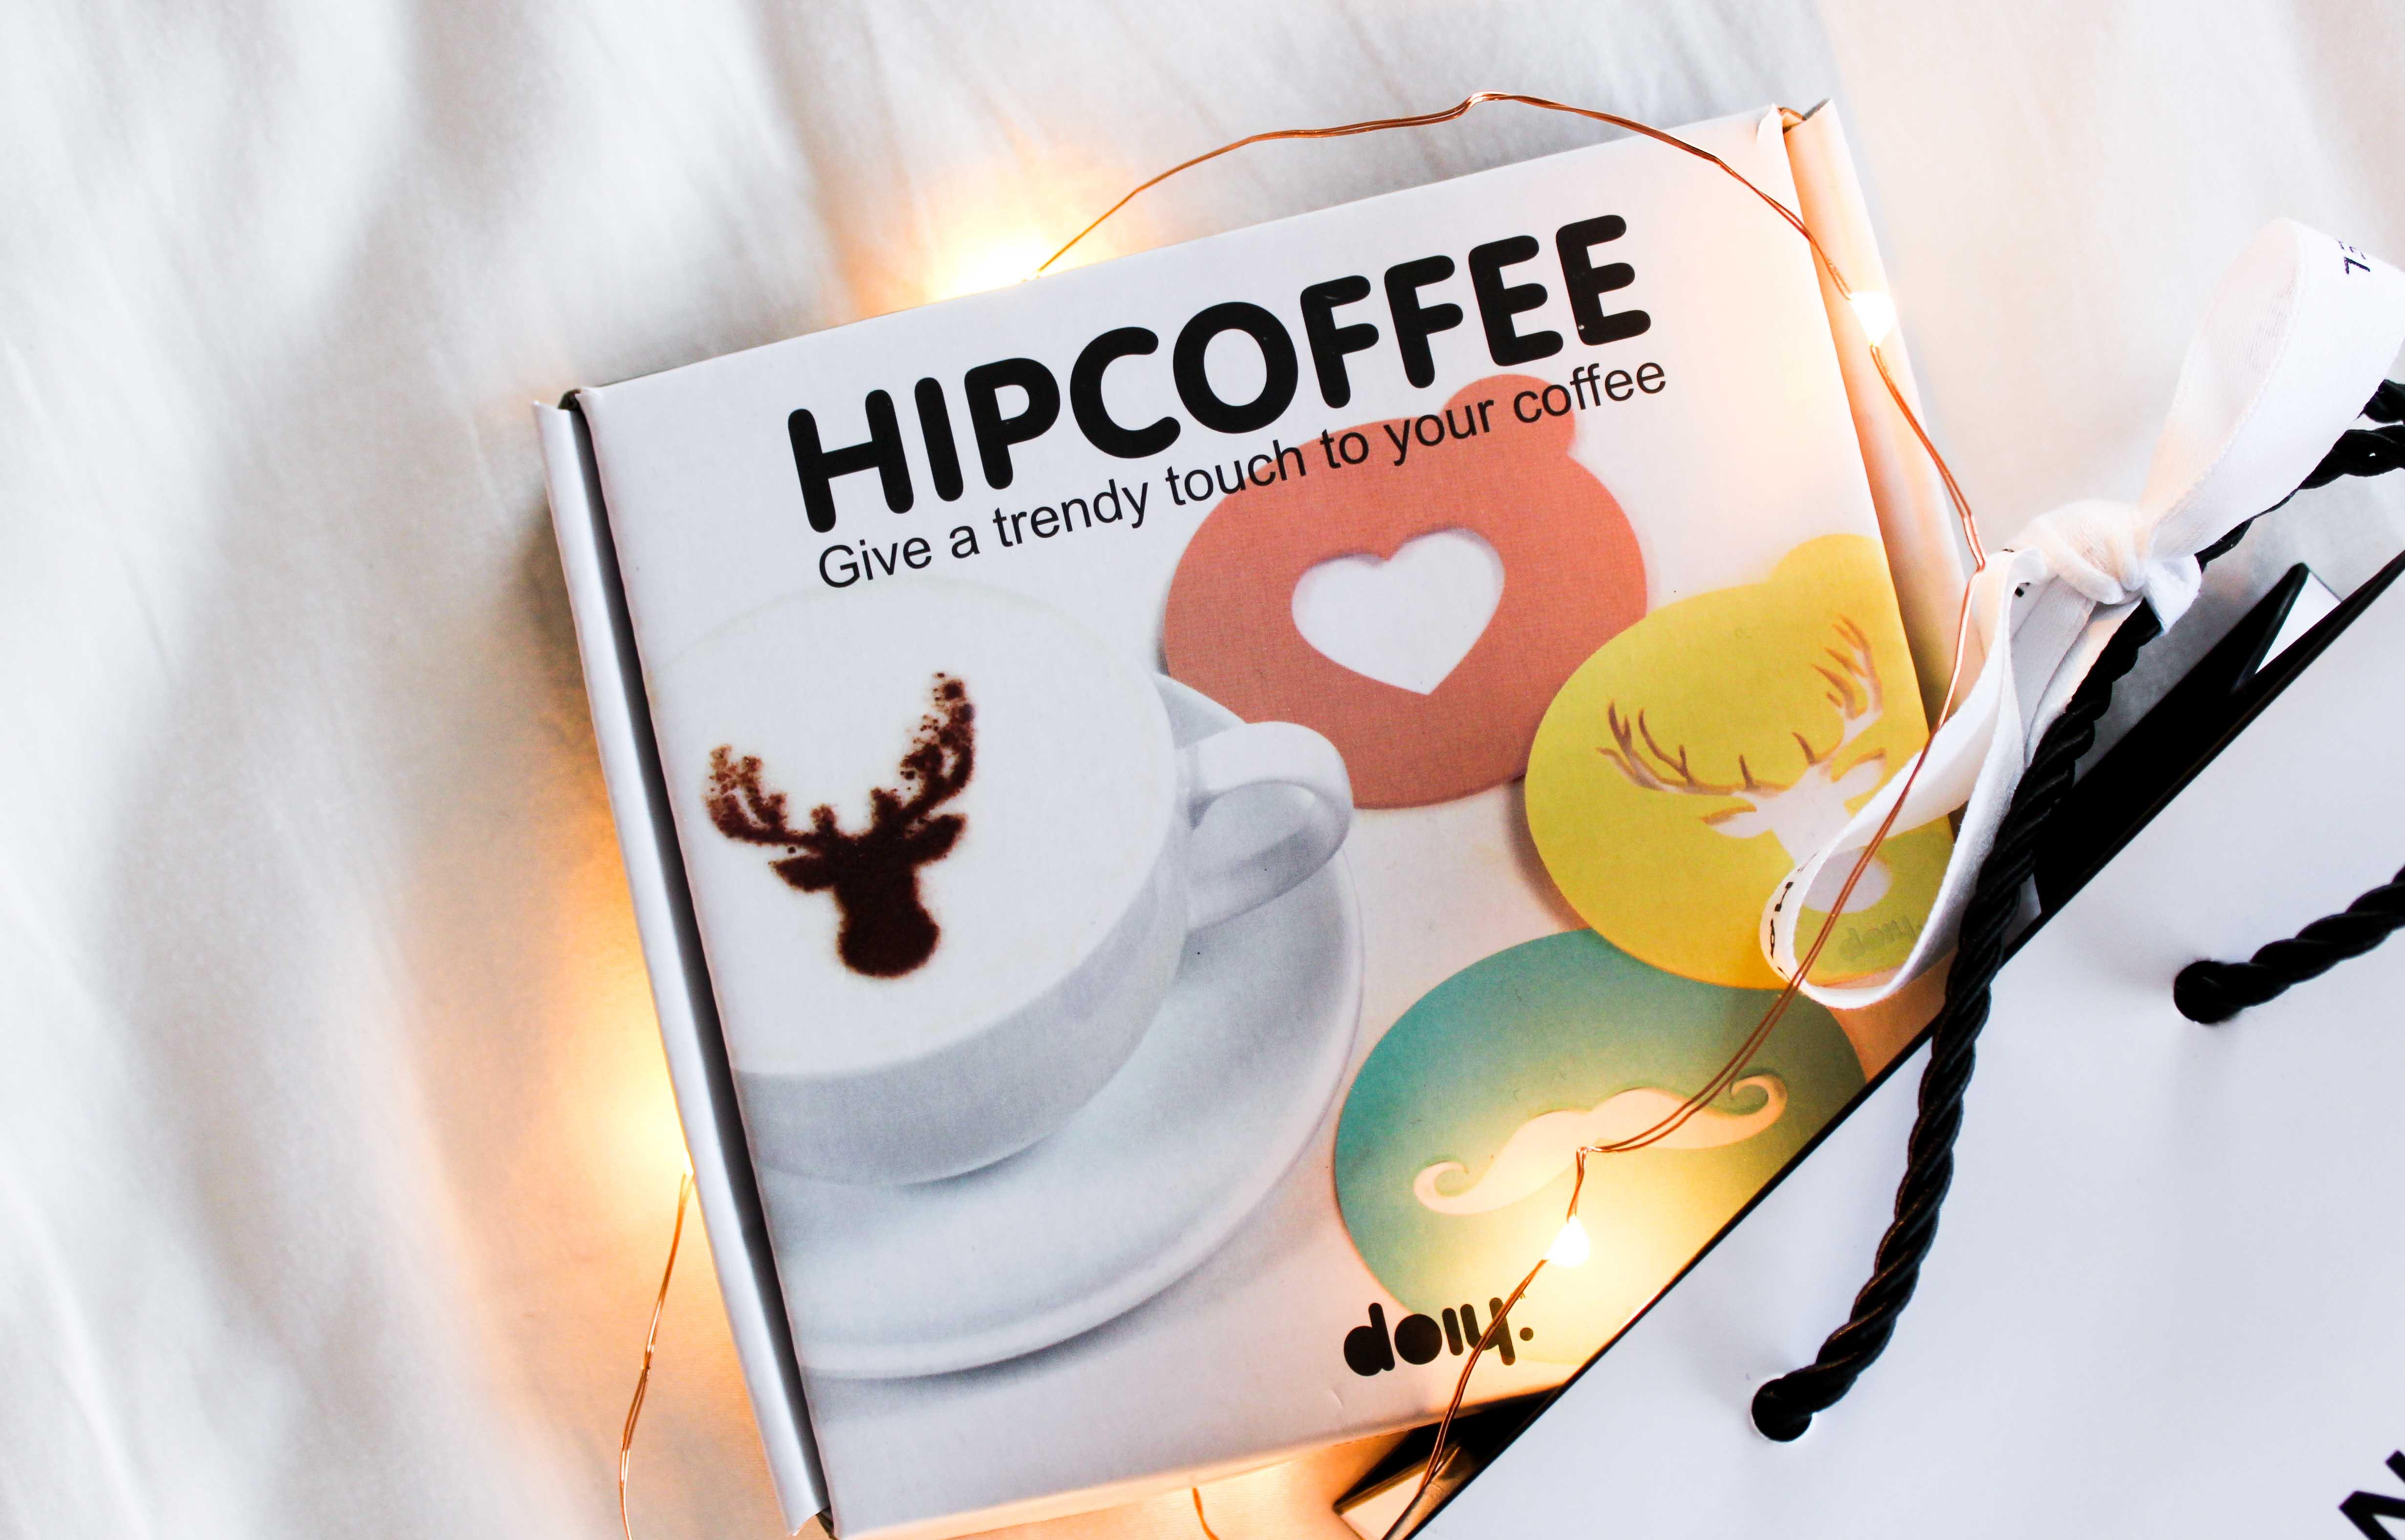 Kaffee Schablone Radbag Marry X Mas Weihnachtsgeschenke Blog Tipps